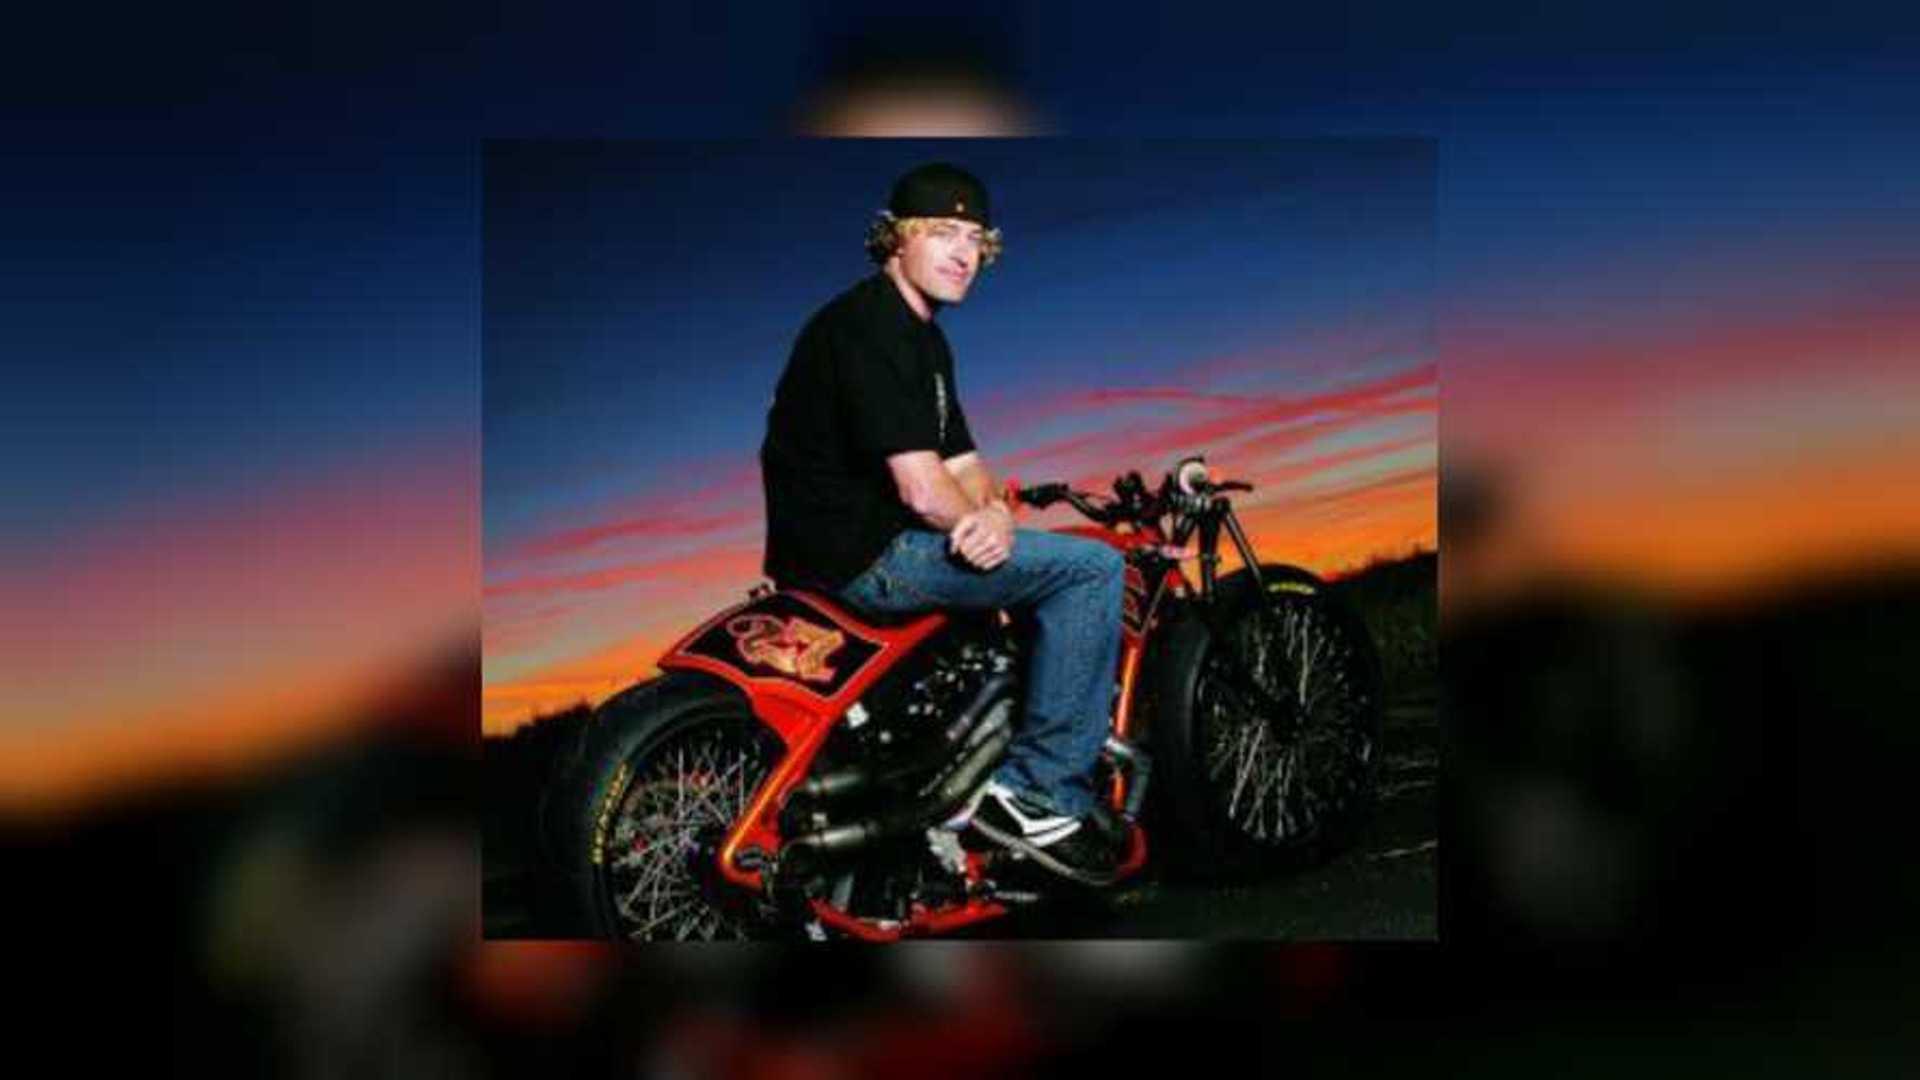 Custom Motorcycle Builder Jesse Rooke Dies In Accident